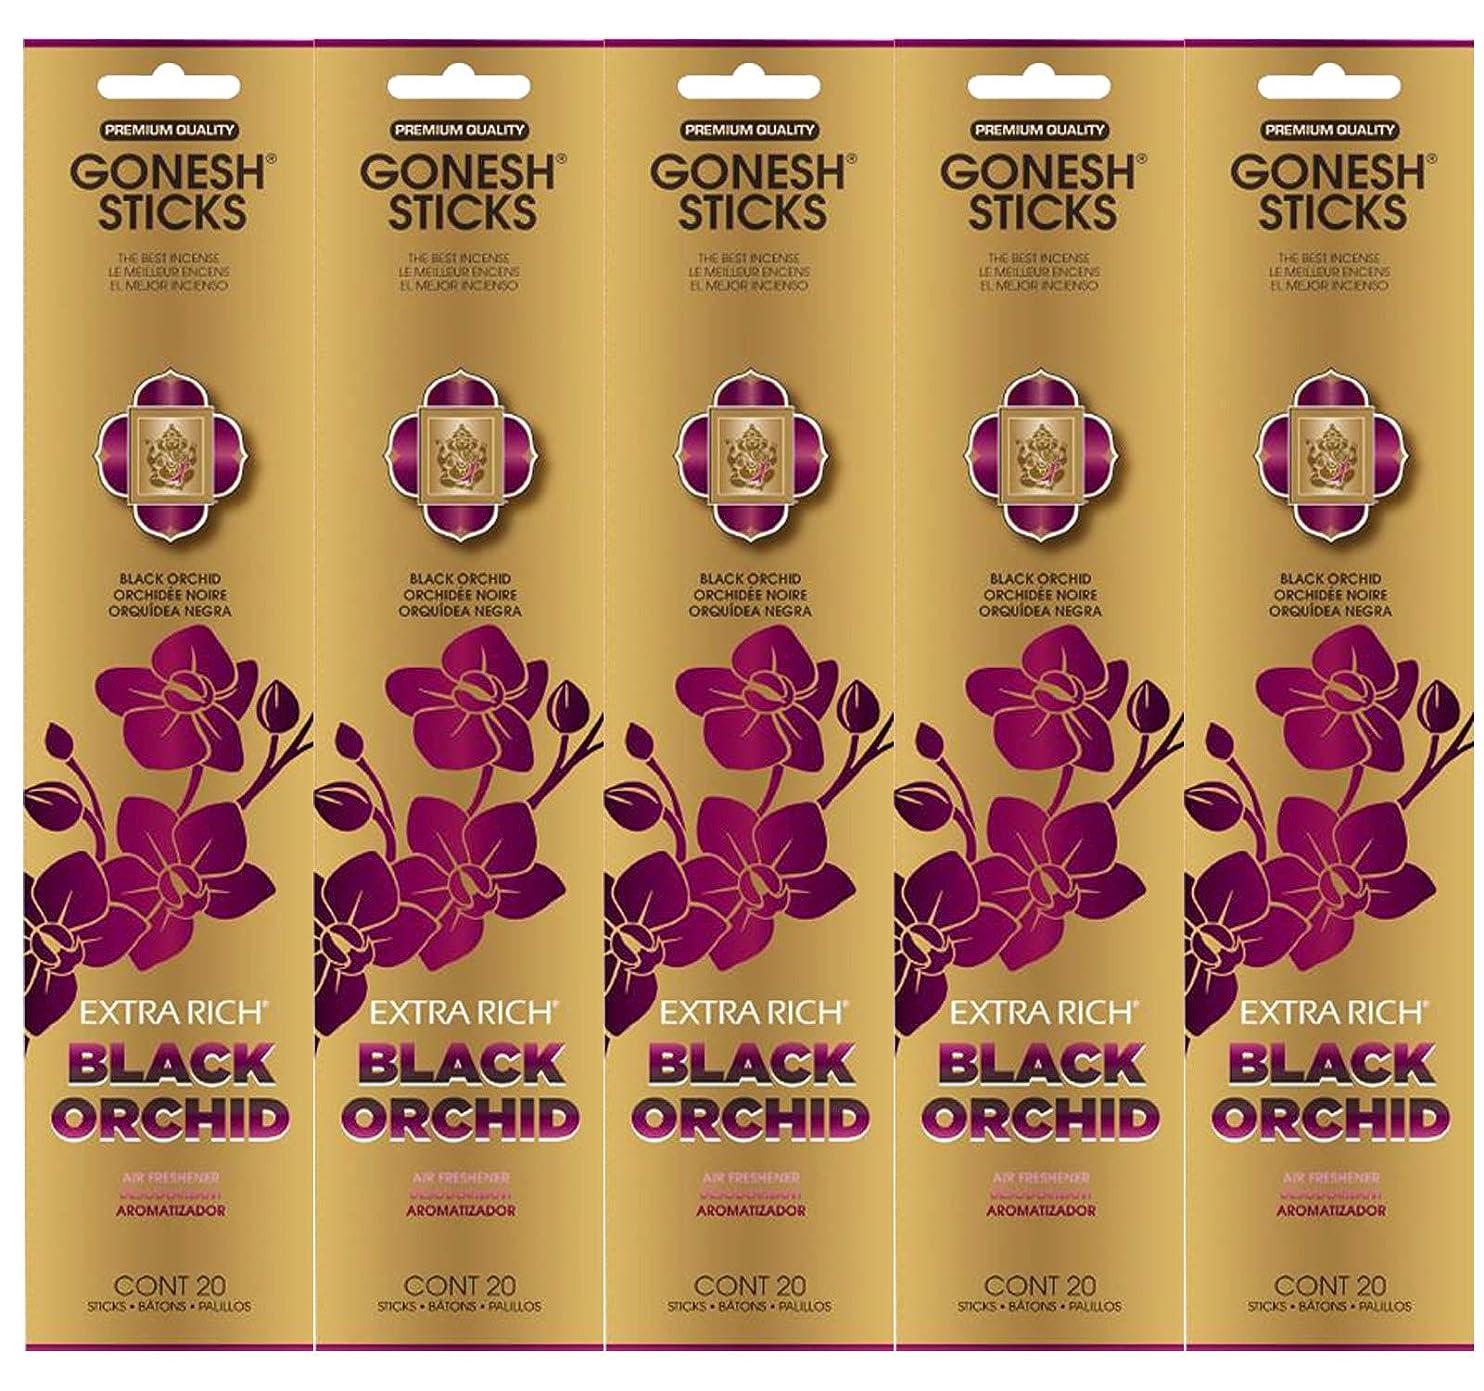 協力的モーション明確にGonesh お香スティック エクストラリッチコレクション - ブラックオーキッド 5パック (合計100本)